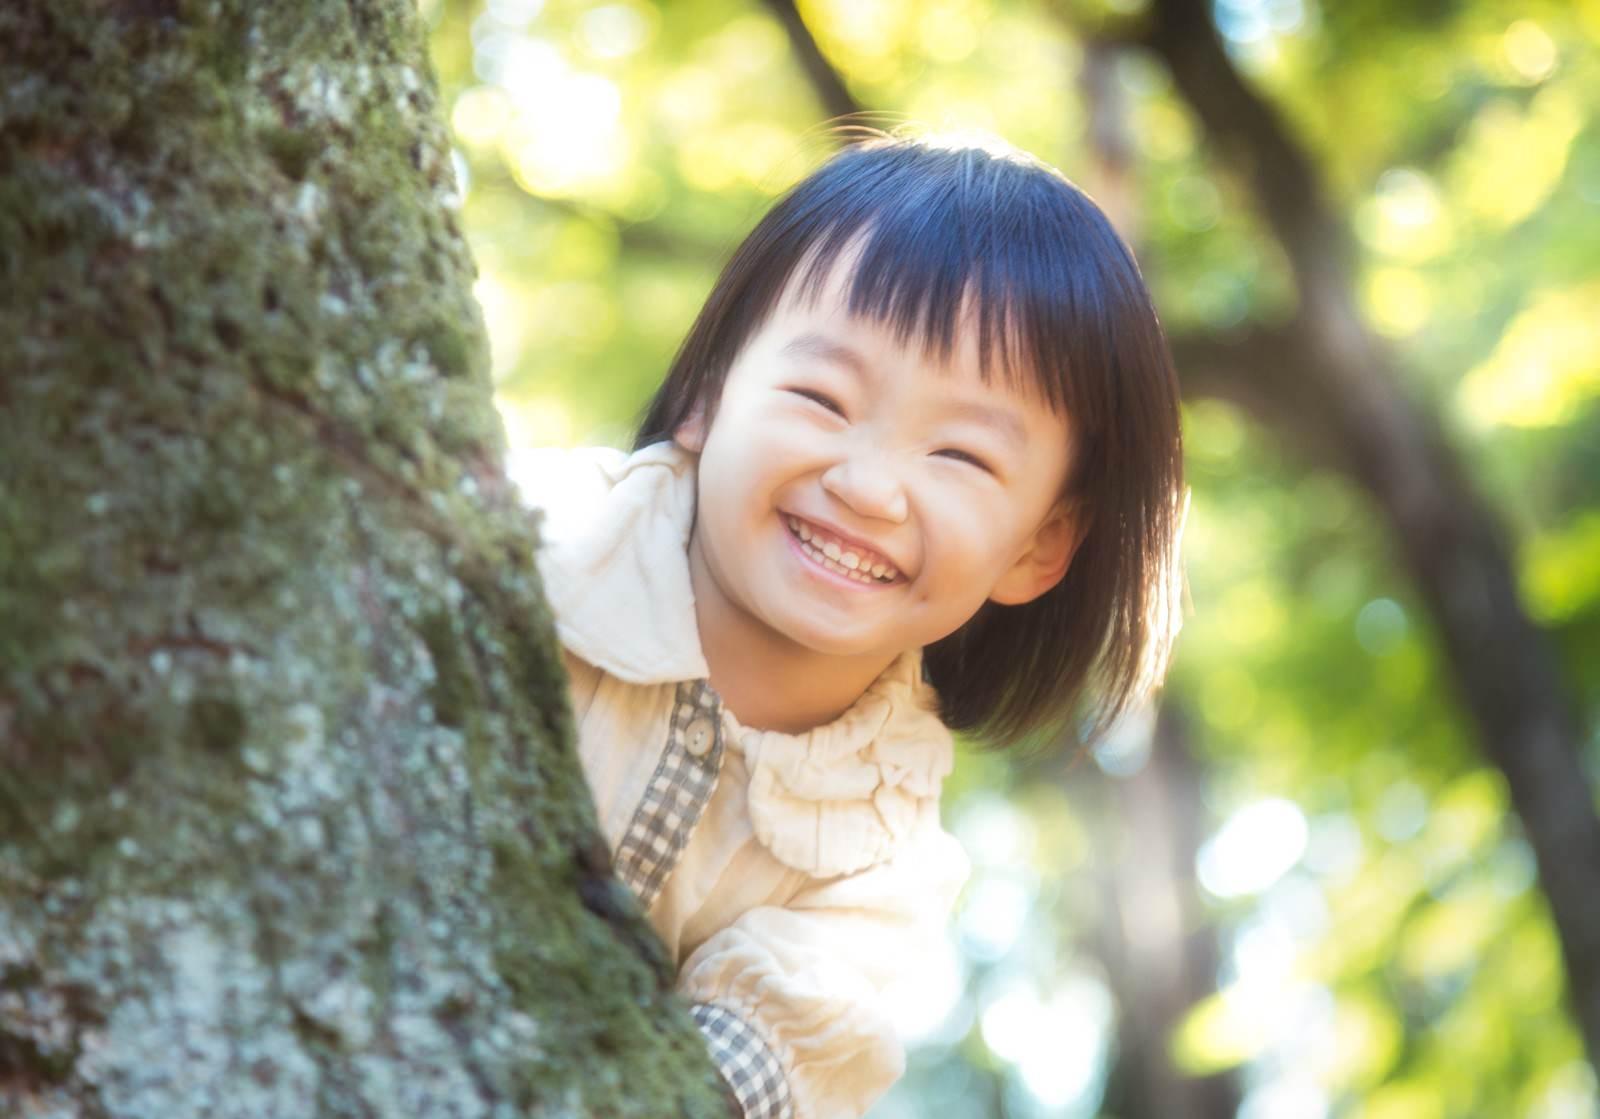 「木陰からニコニコ笑顔の小さい女の子」の写真[モデル:あんじゅ]